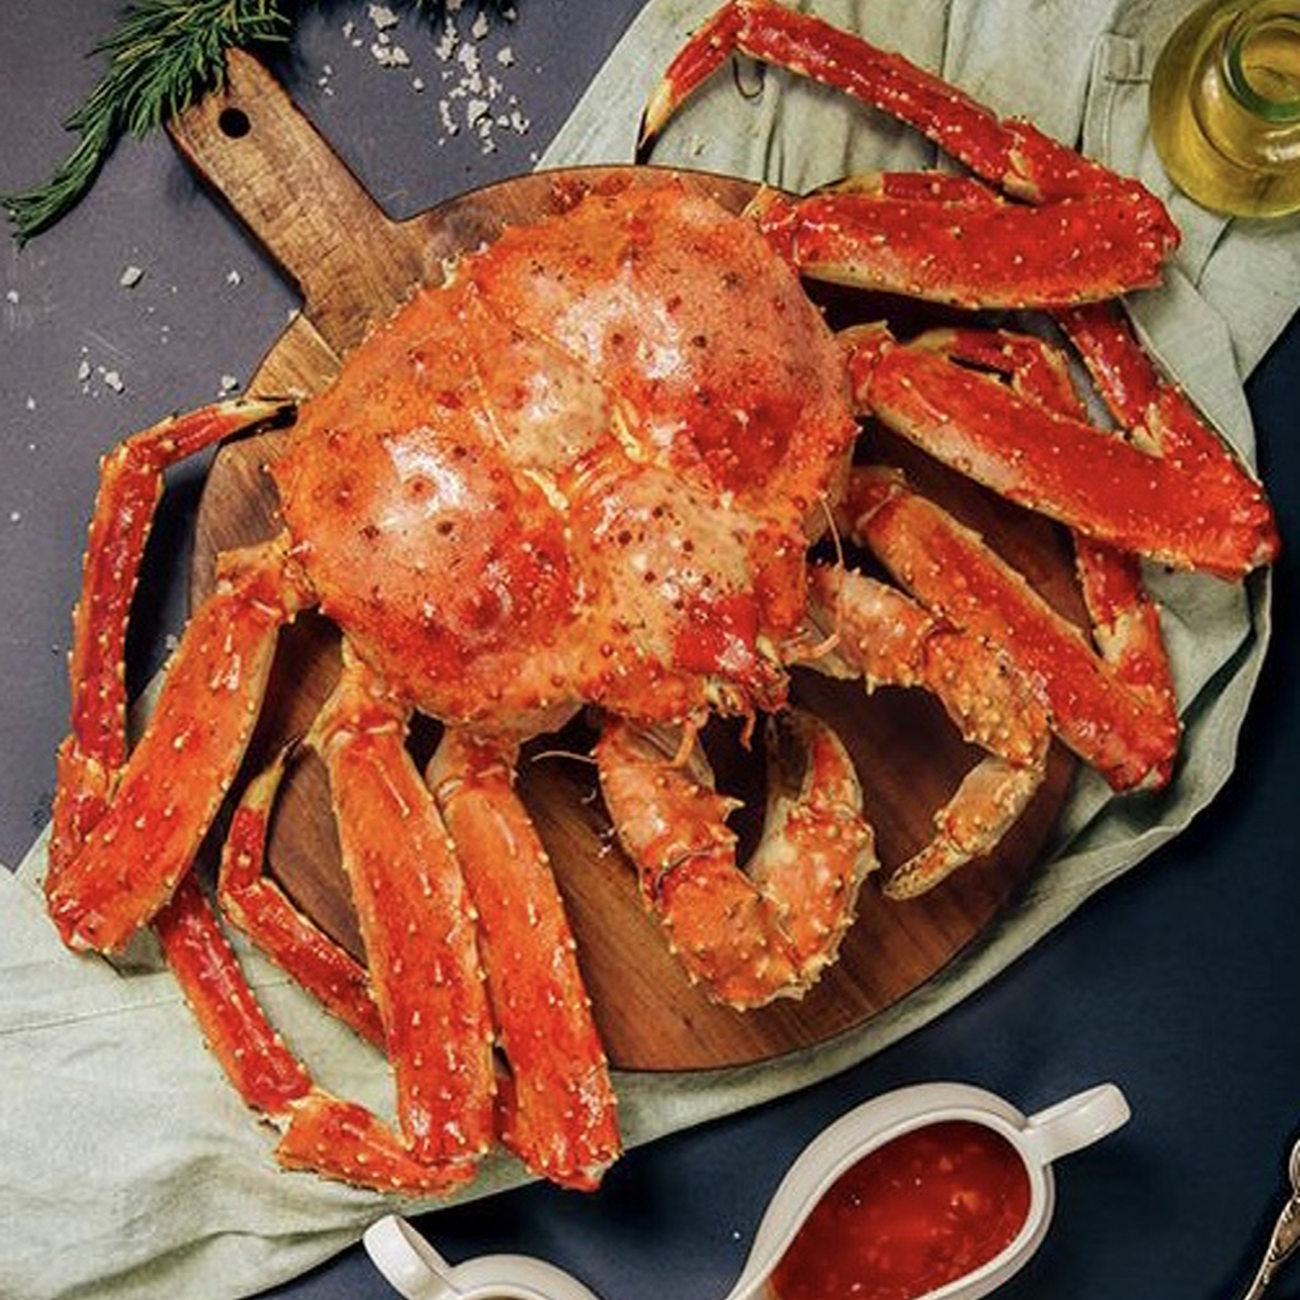 Cua hoàng đế-king crab